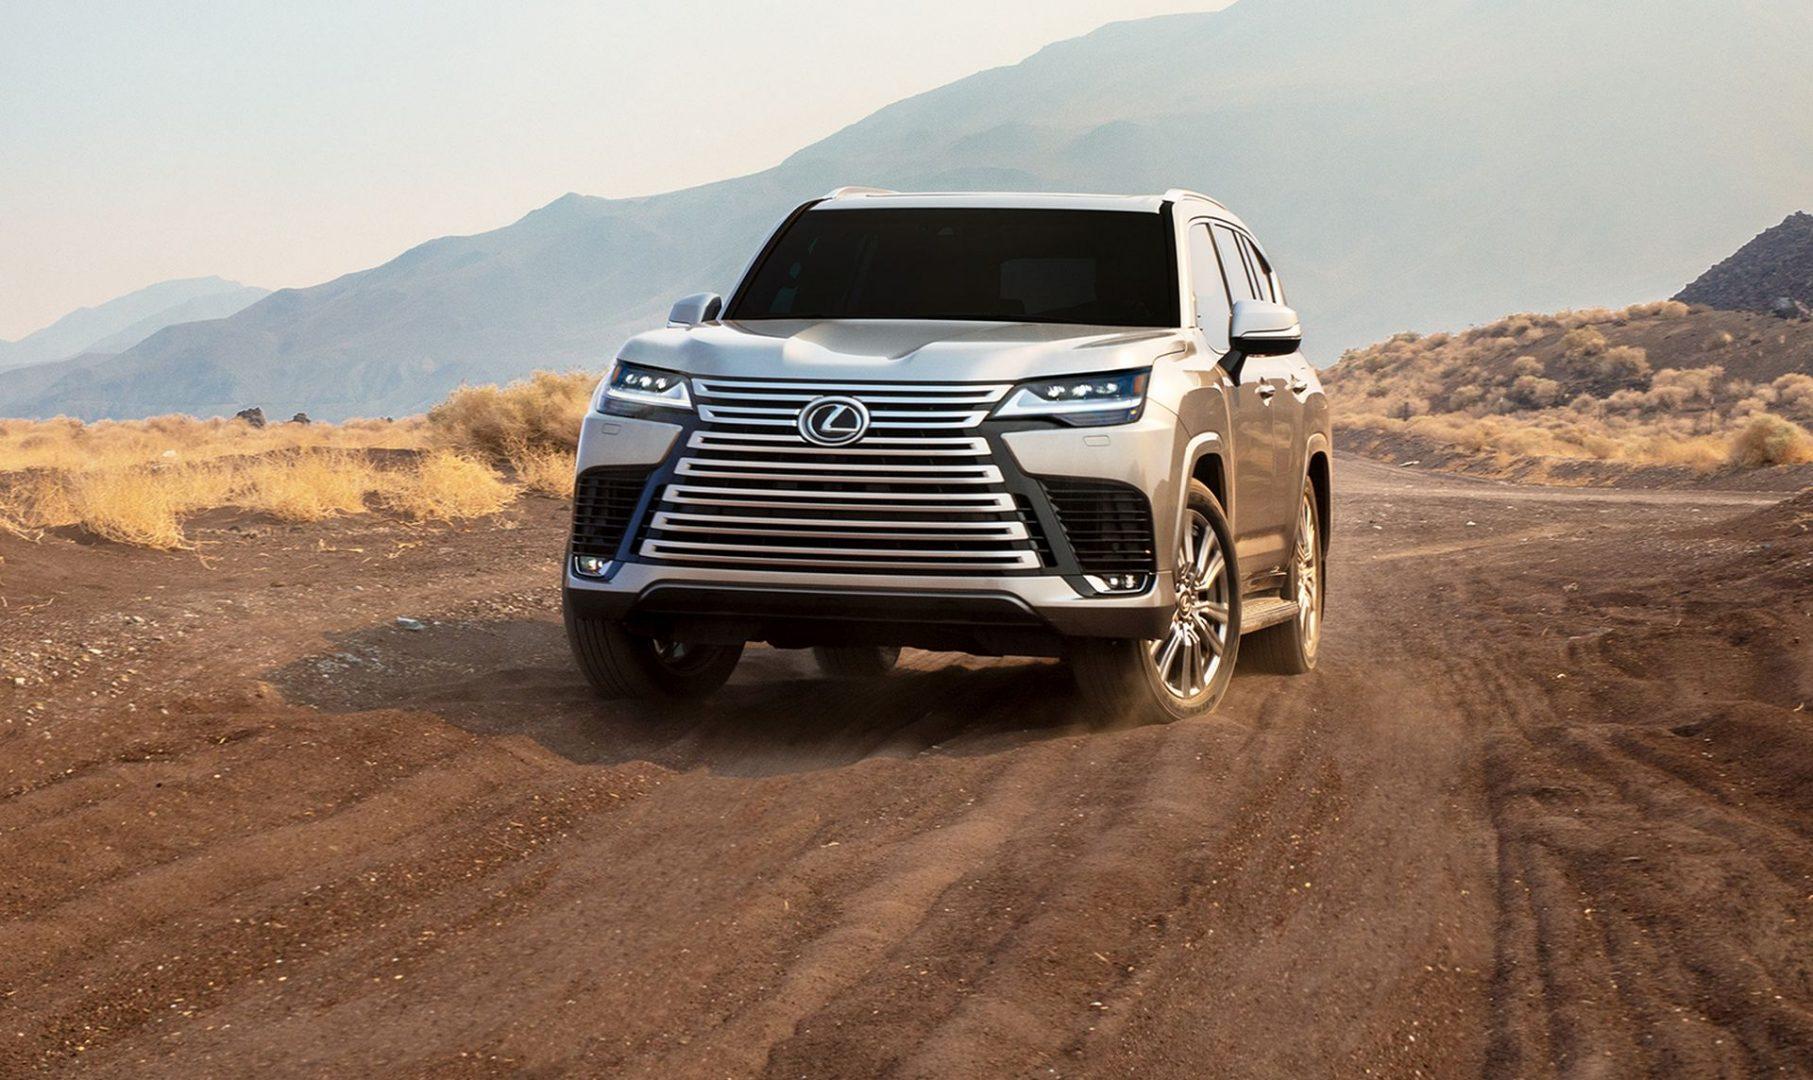 Lexus predstavio novu generaciju modela LX, koji se temelji na Toyoti Land Cruiser